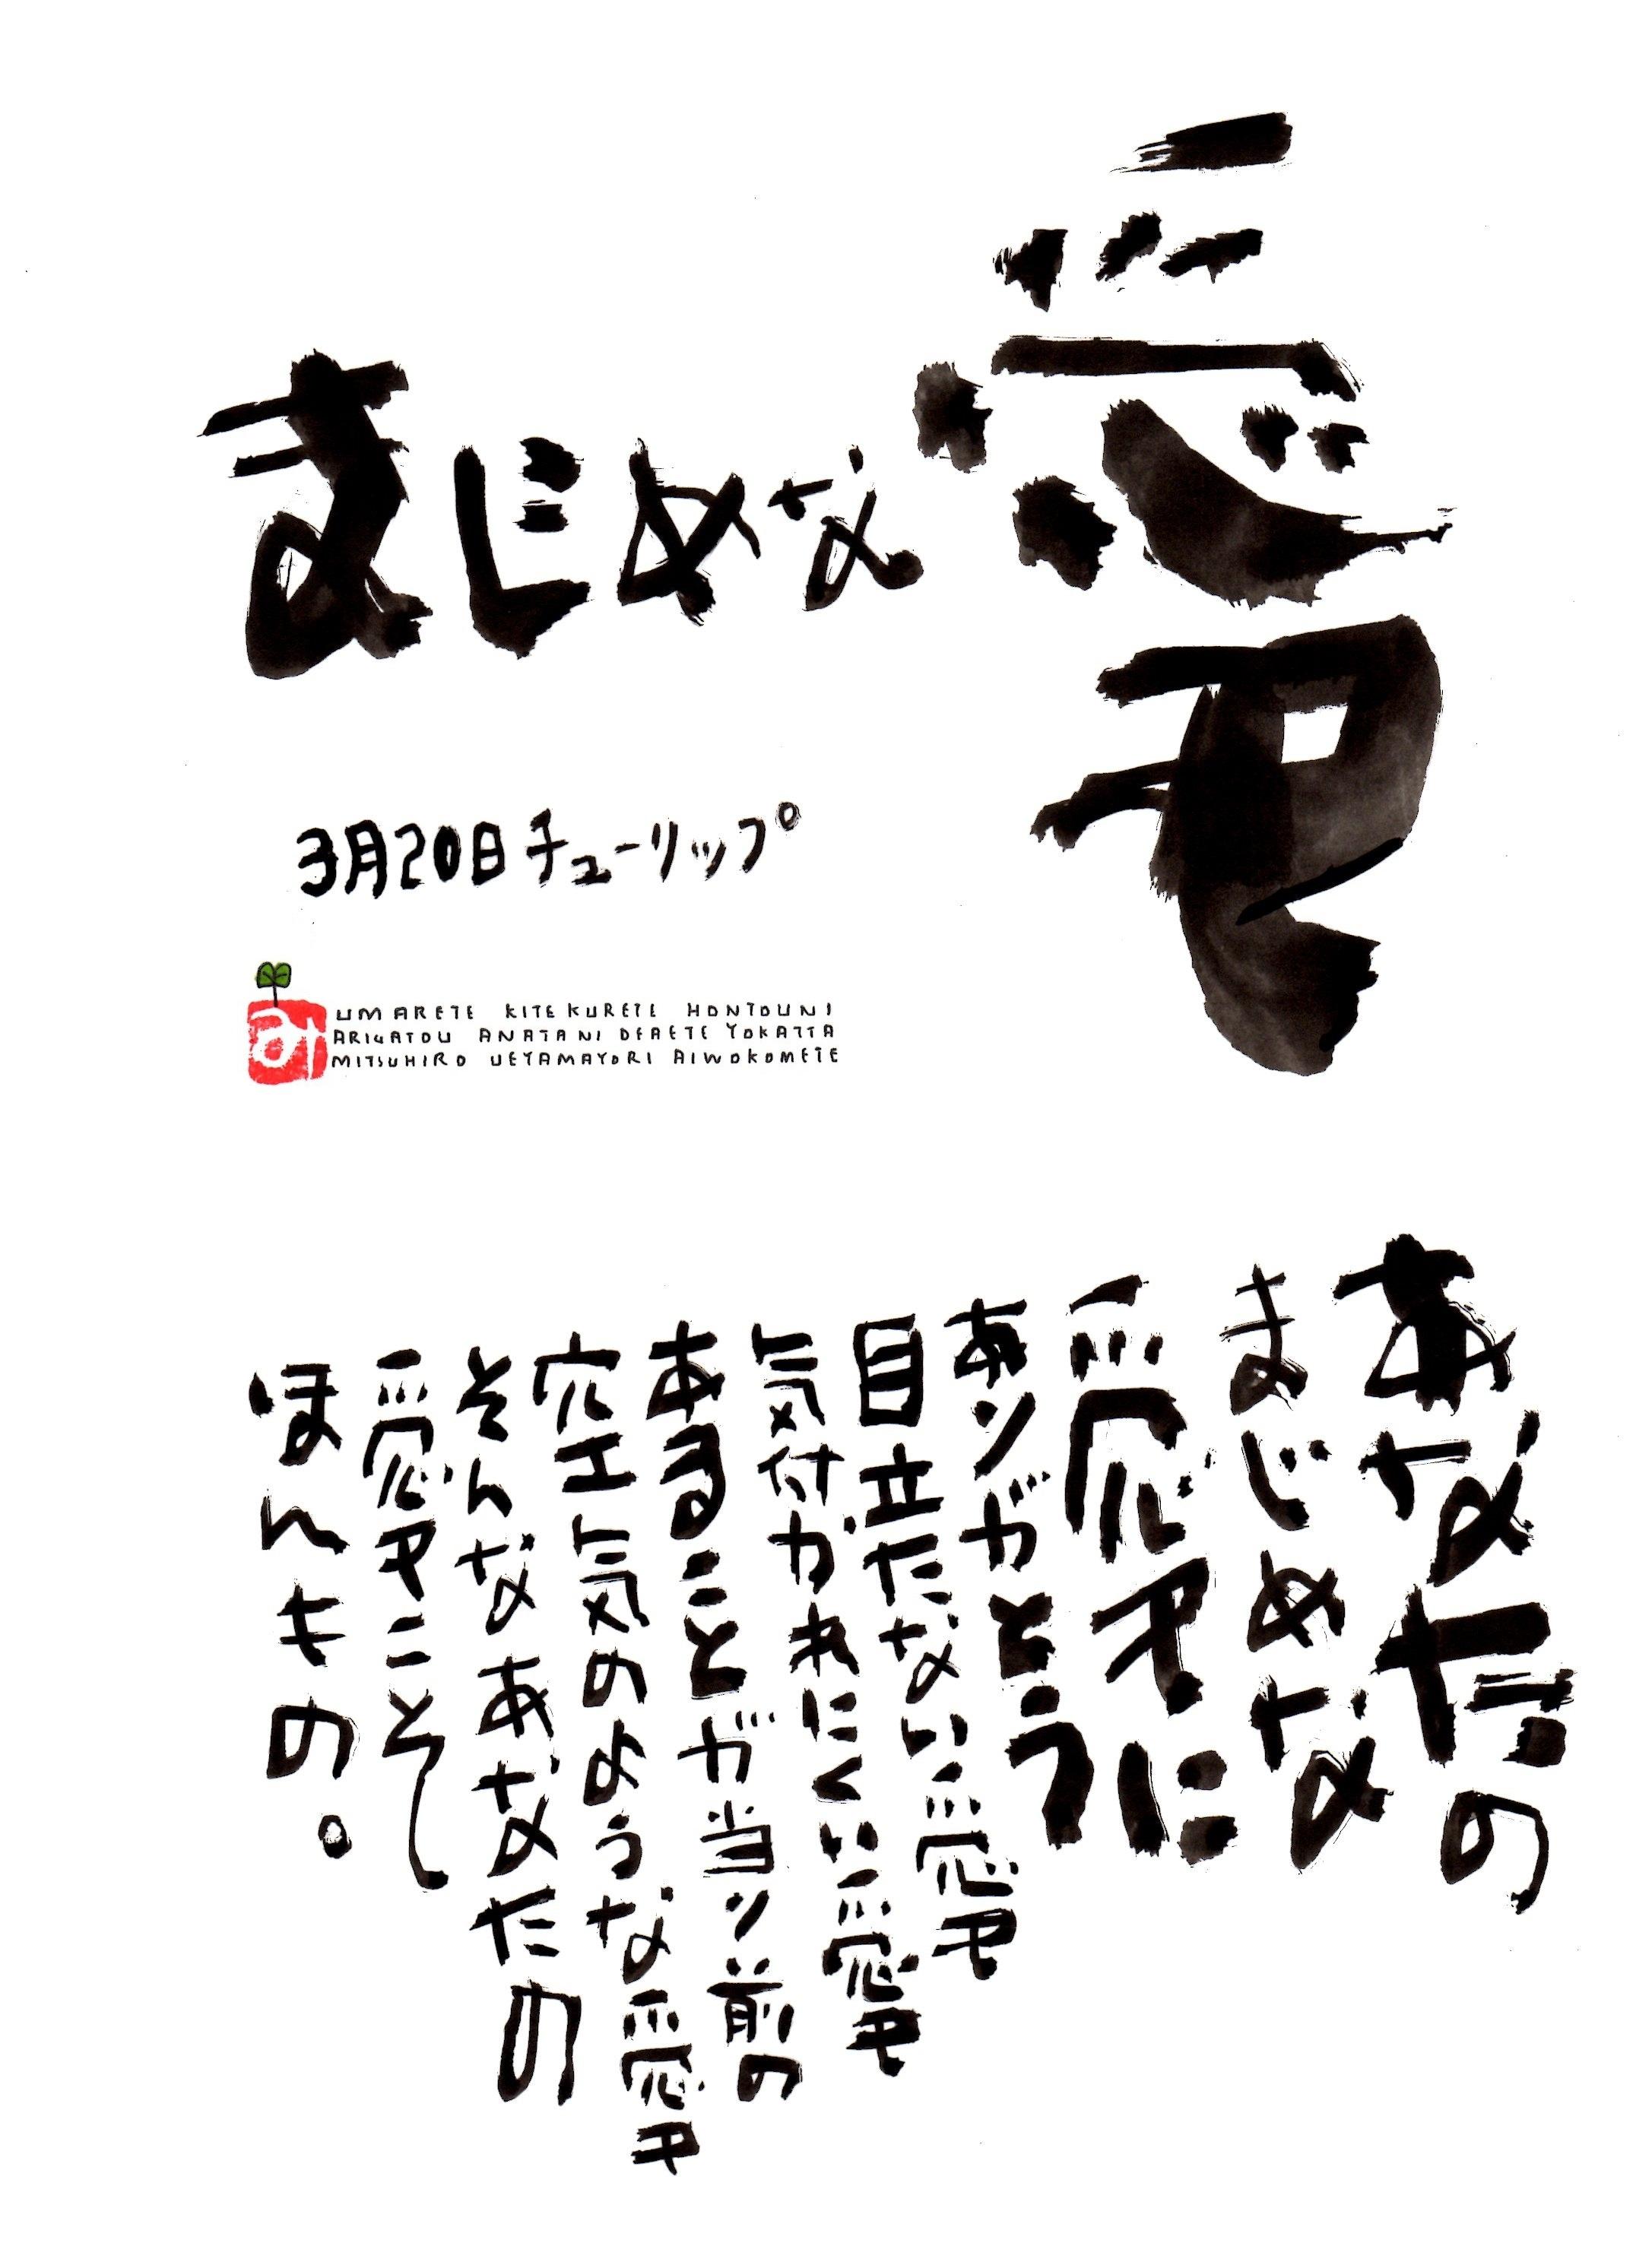 3月20日 誕生日ポストカード【まじめな愛】Serious love